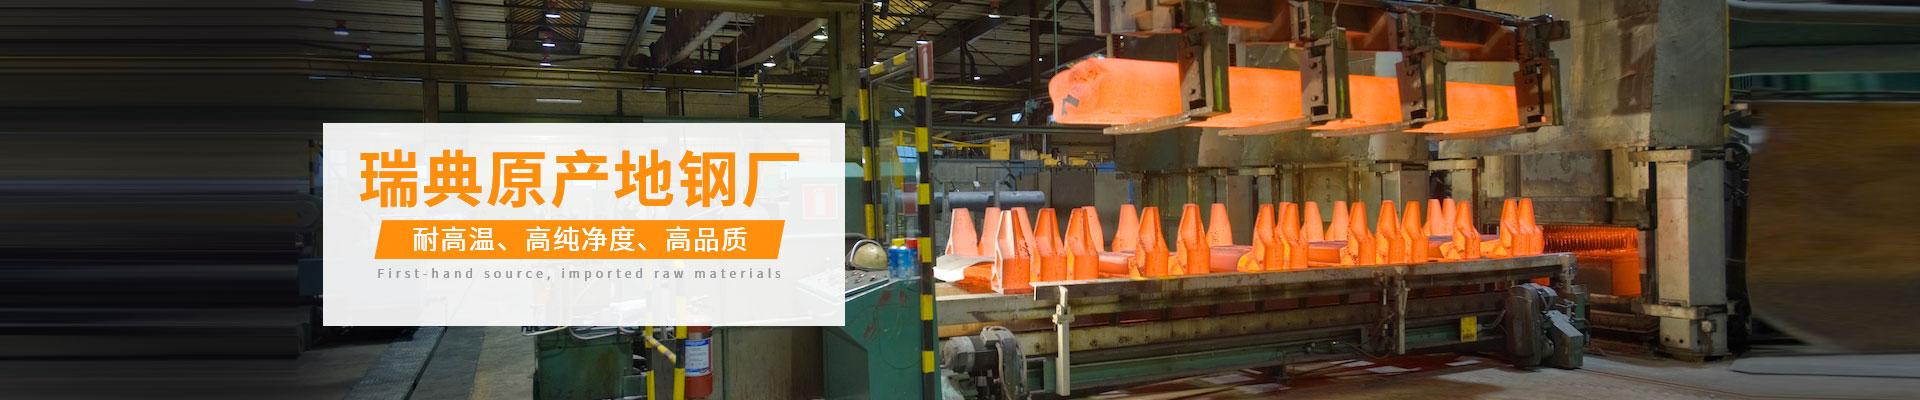 中瑞-瑞典原产地钢厂